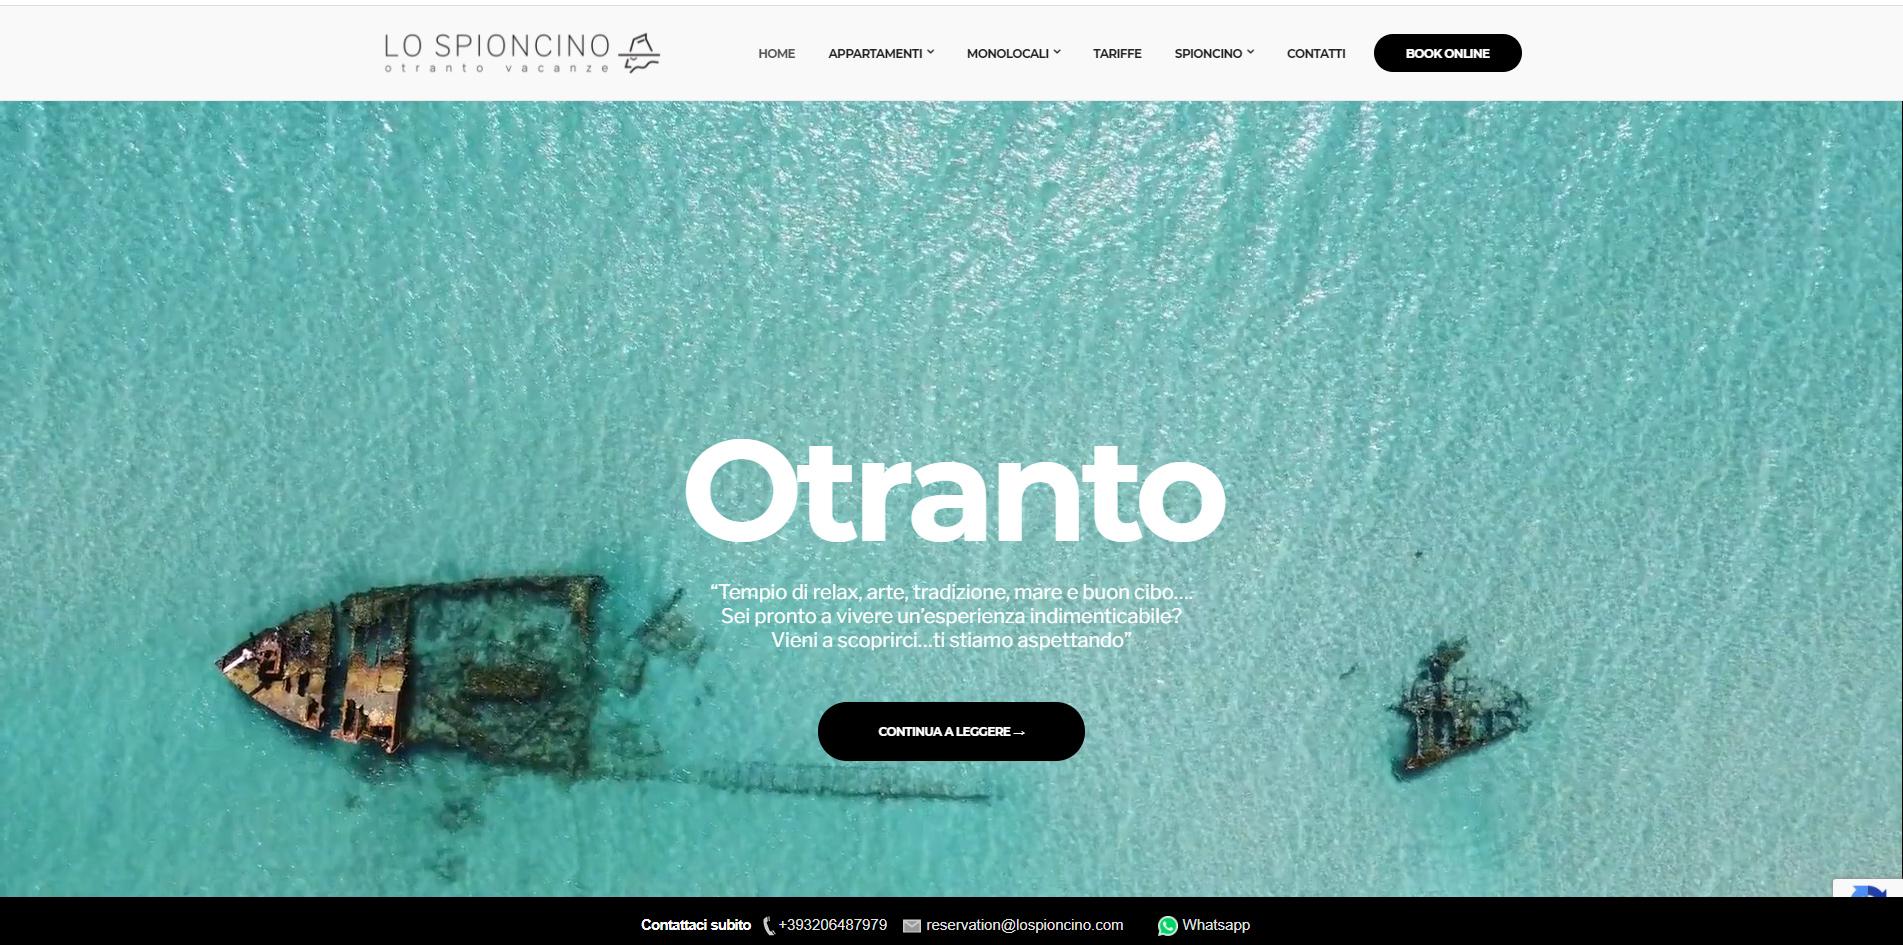 lospioncino.com